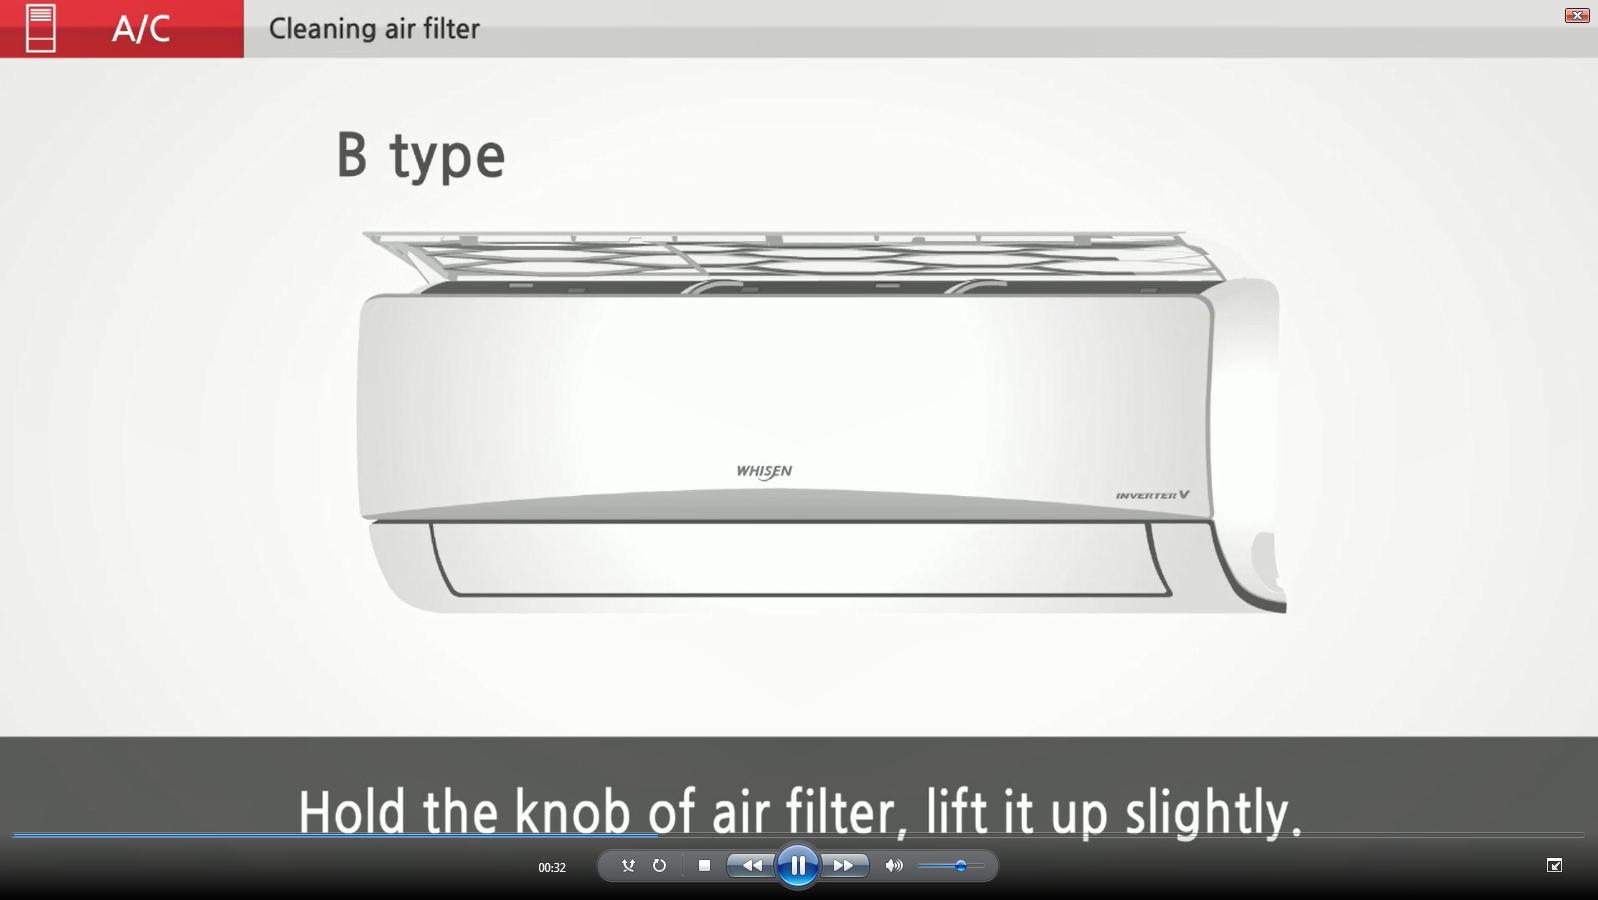 LG Video Tutorials: Cleaning Air Filter | LG Saudi Arabia